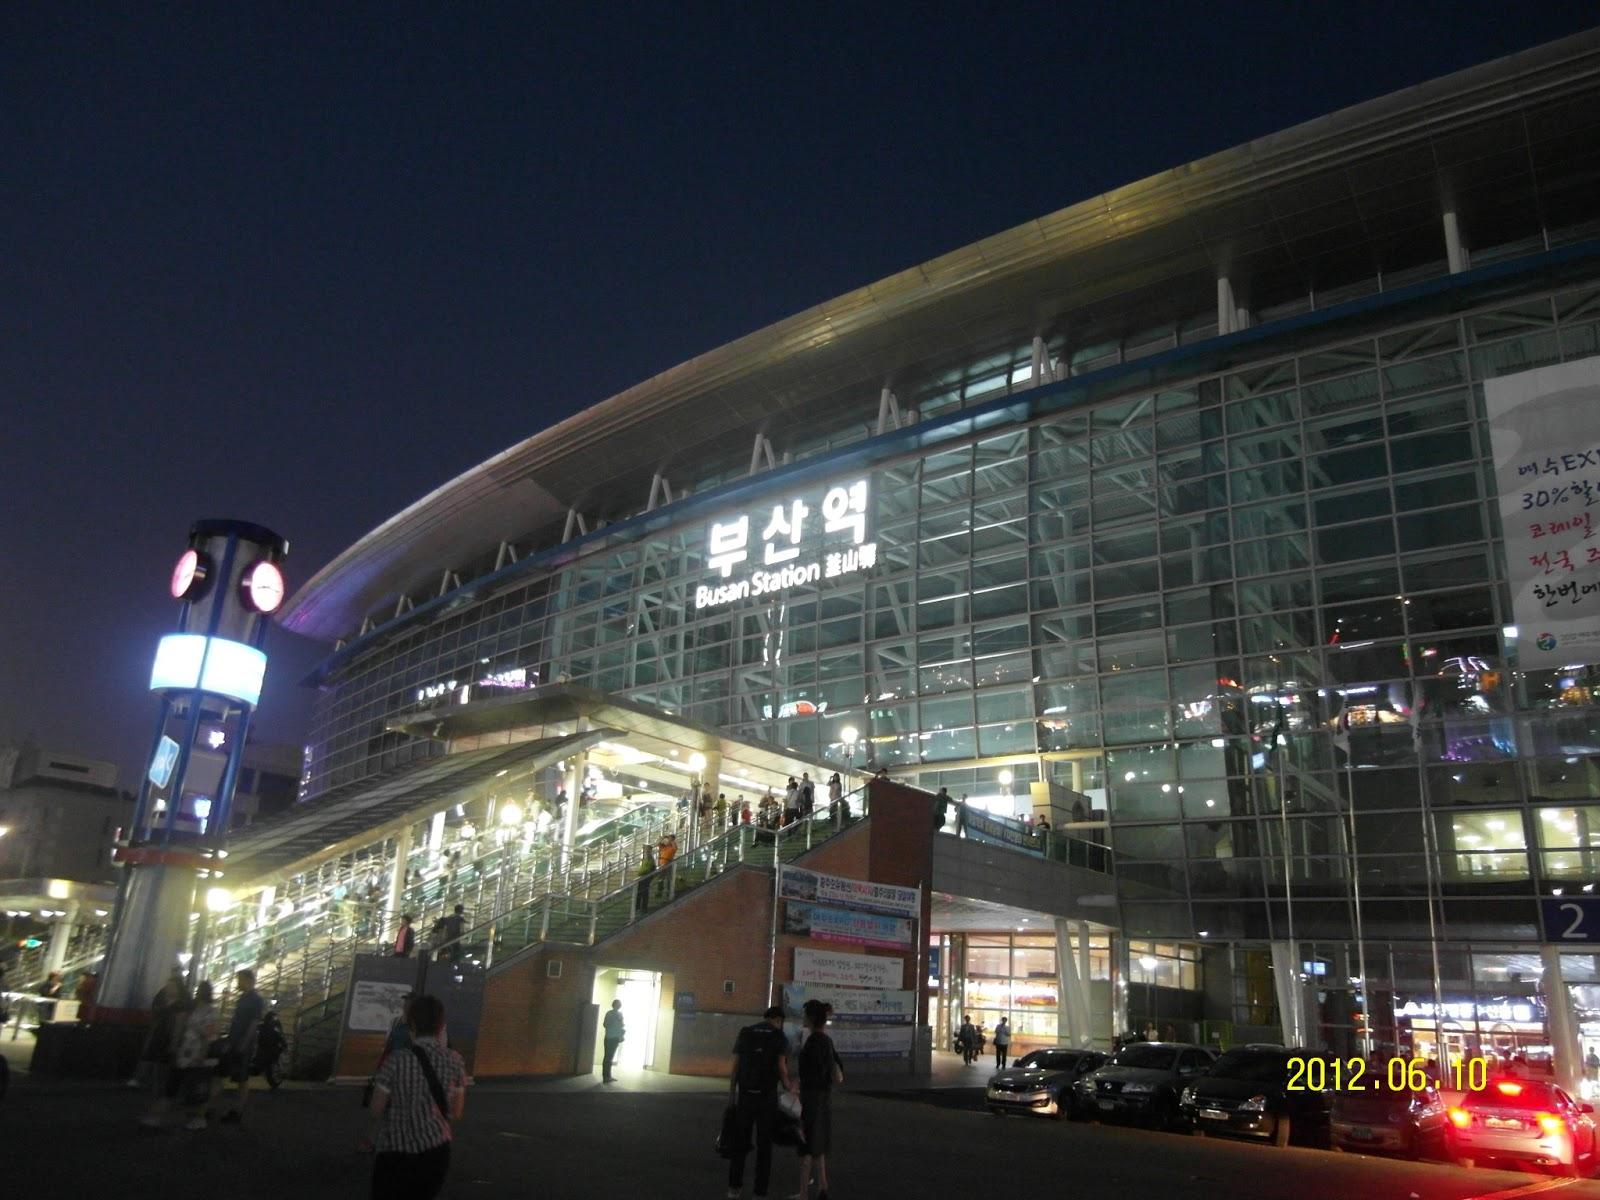 慢遊:拐彎 ,大韓民國南海岸: 第3話 第四篇:日暮,車站記行 下篇